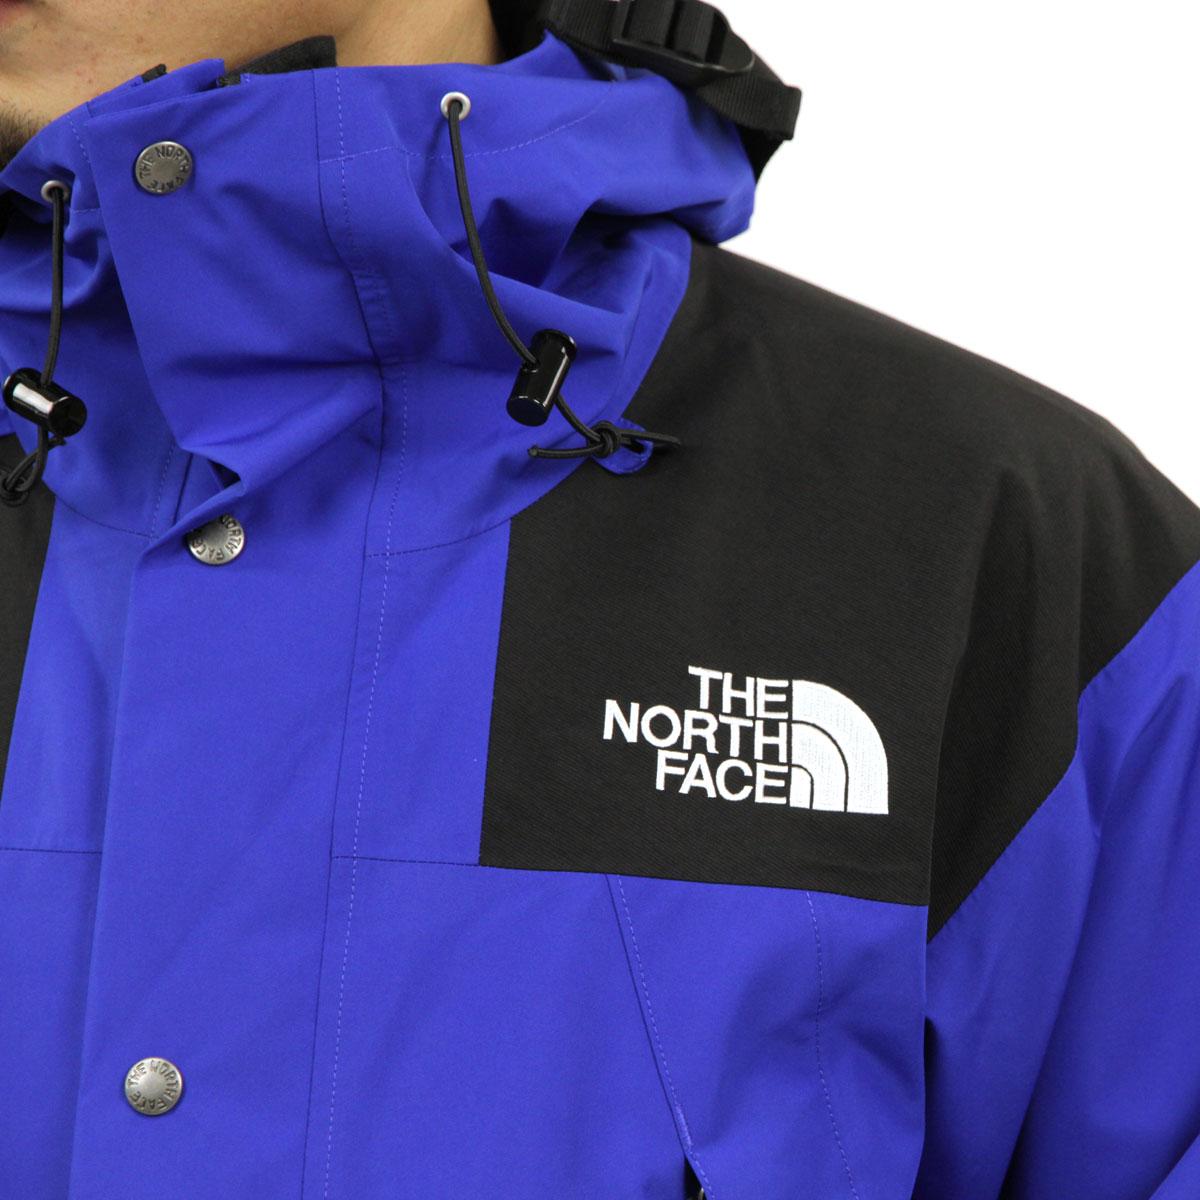 ノースフェイス ゴアテックス メンズ 正規品 THE NORTH FACE マウンテンパーカー アウター 1990 MOUNTAIN JACKET GTX TNF BLUE NF0A3XEJCZ6 A14B B1C C1D D4E E08F